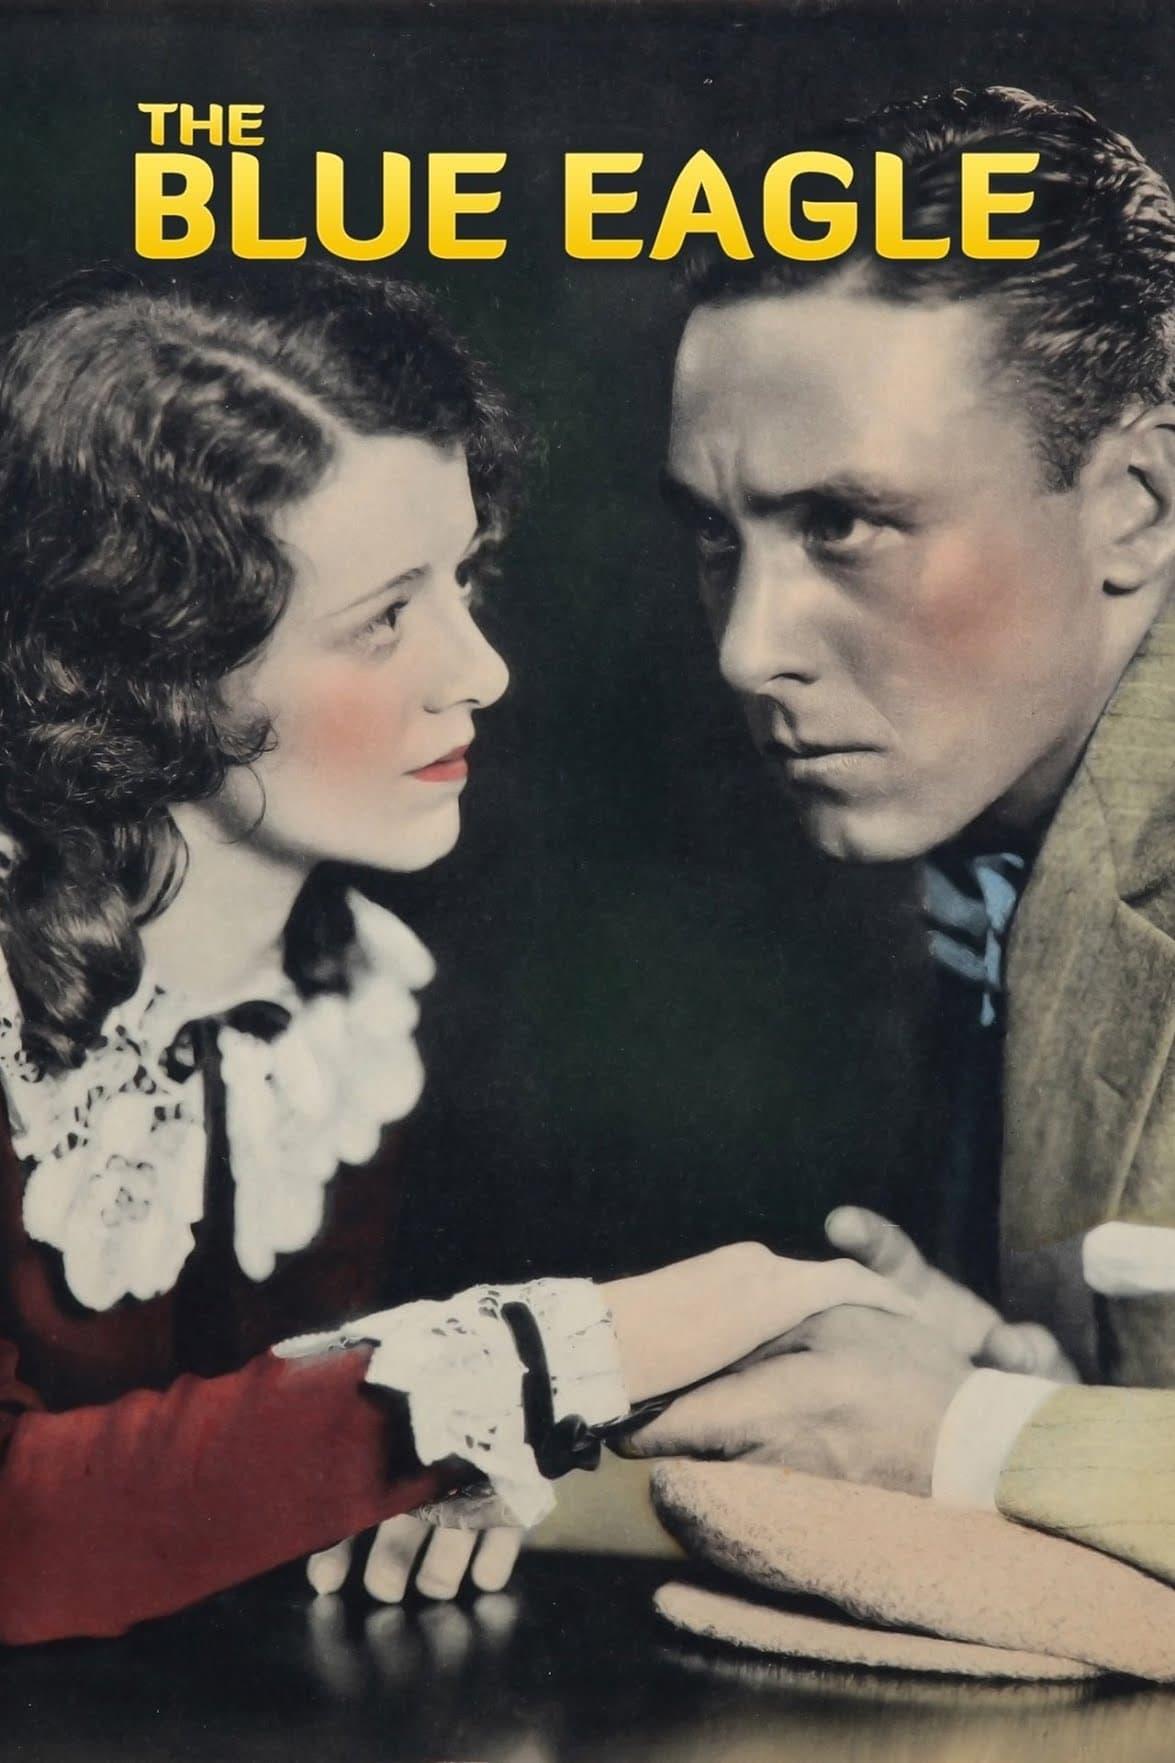 The Blue Eagle